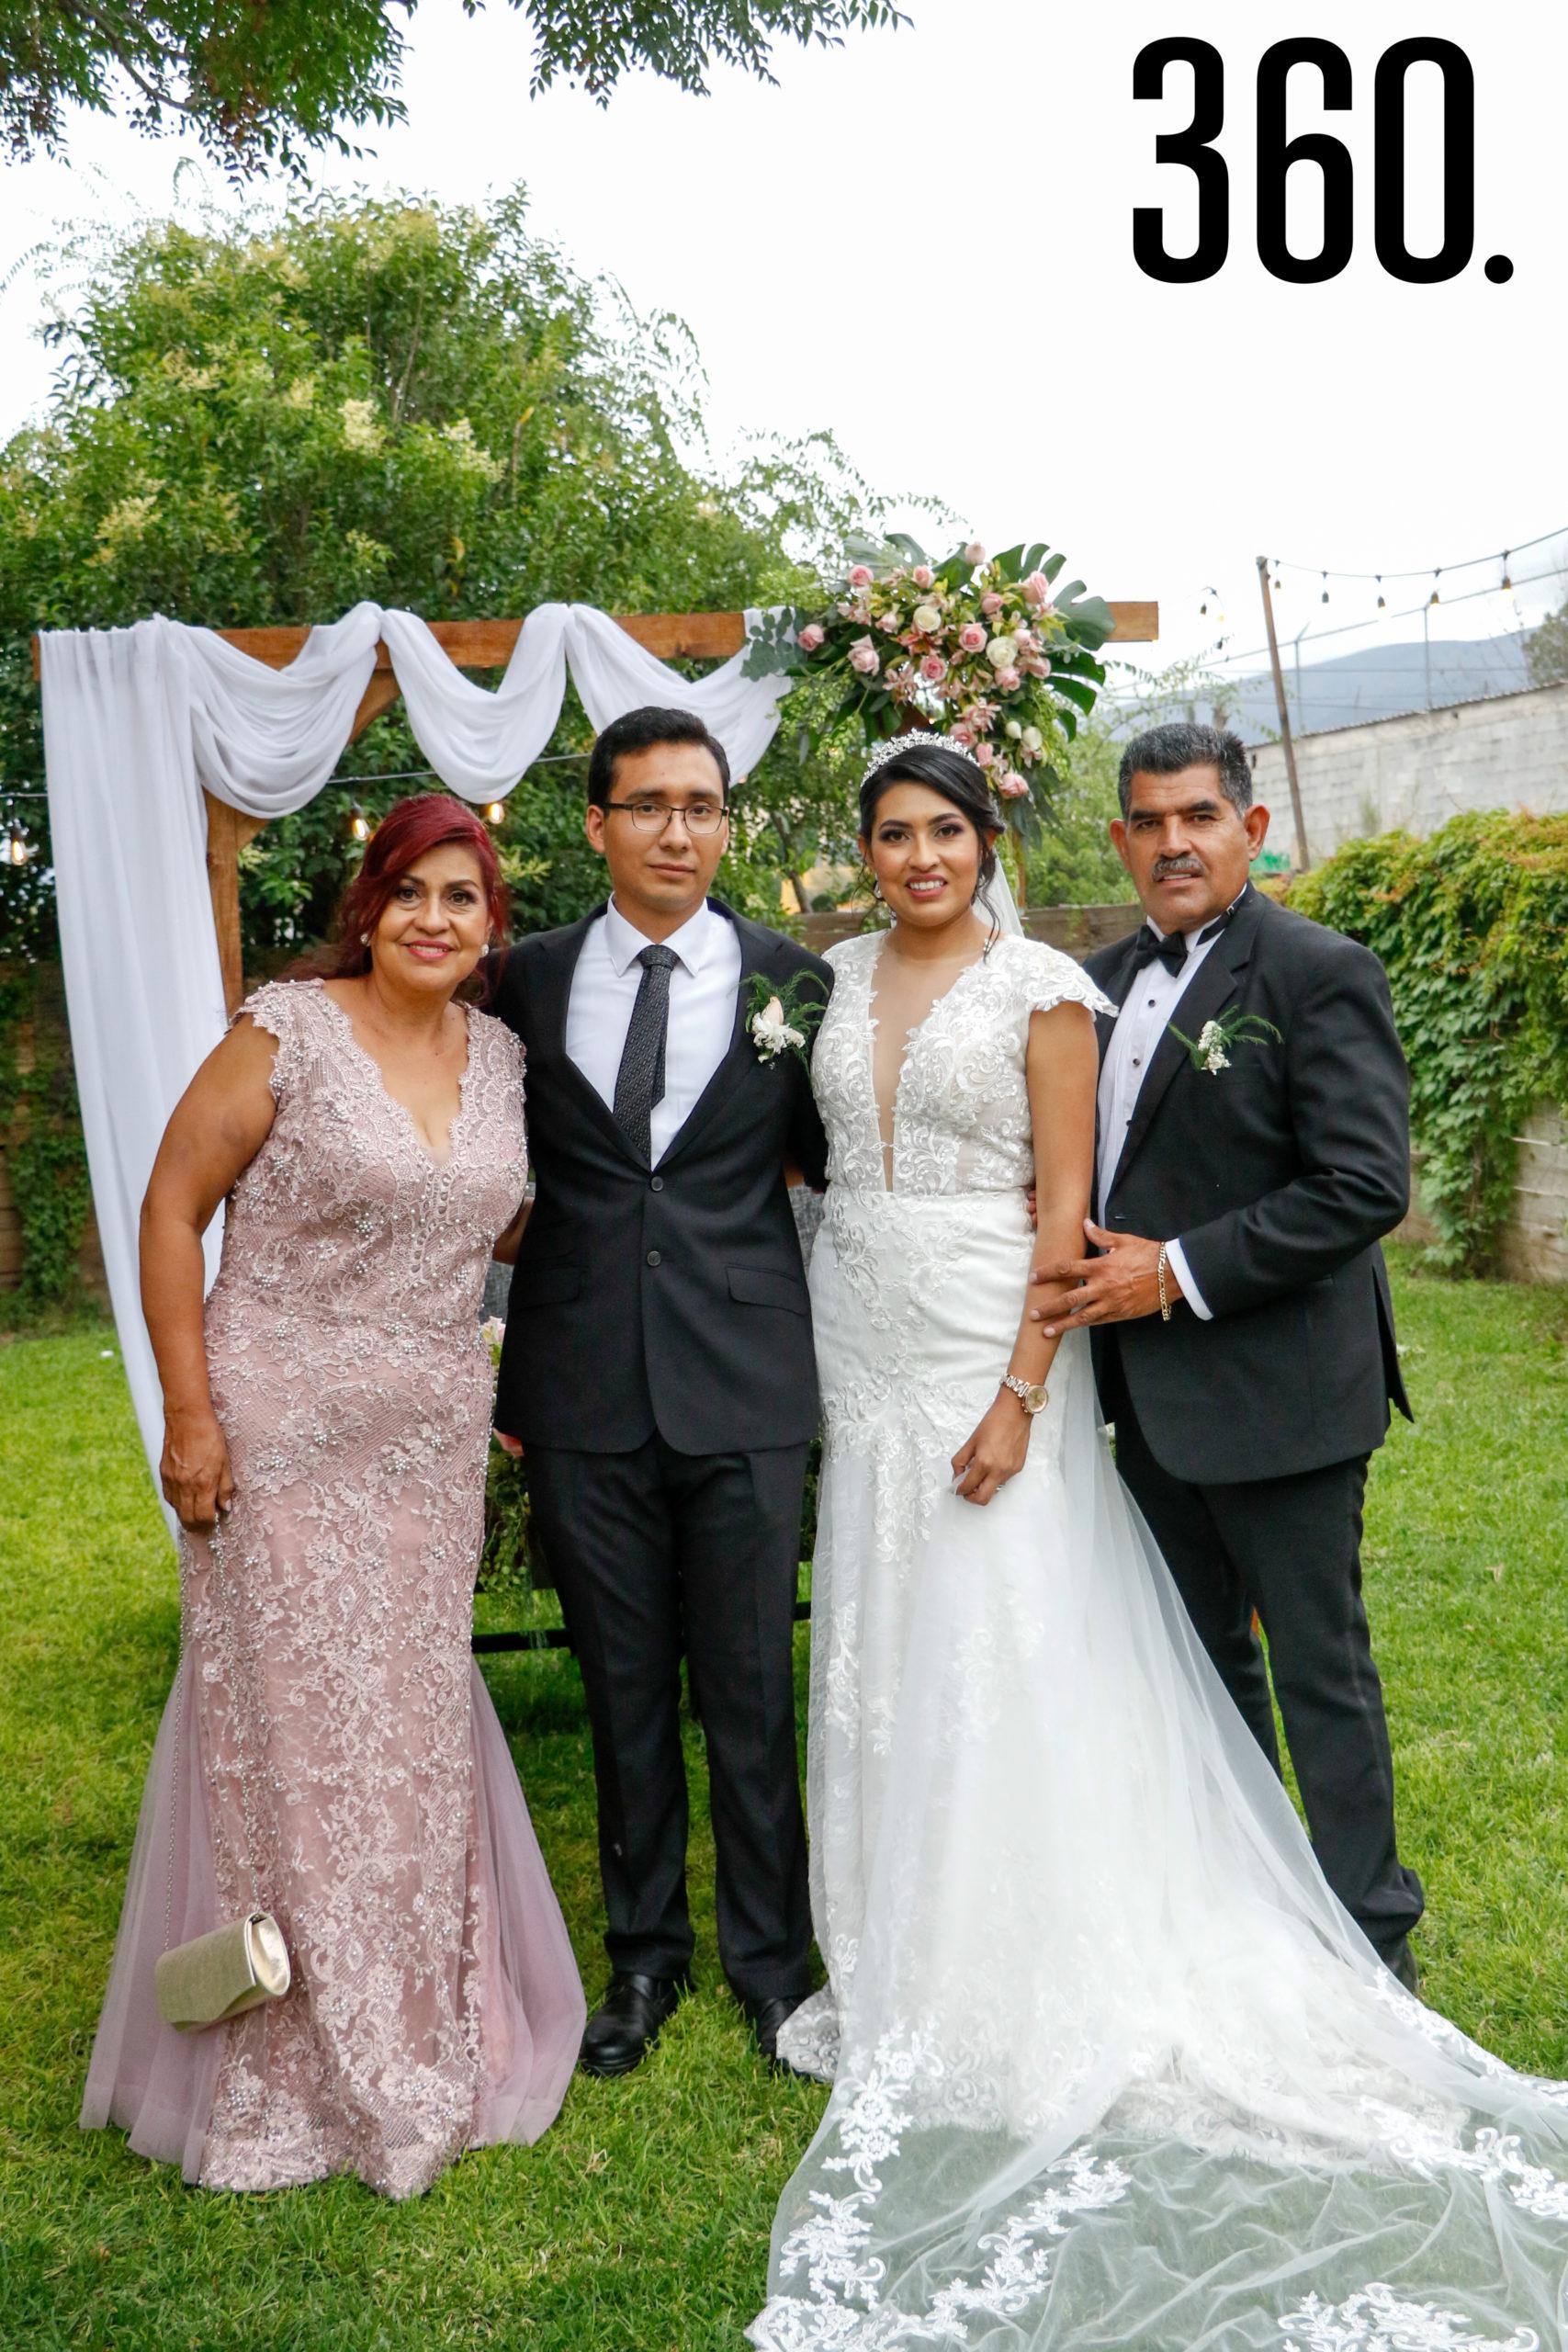 Los novios con María Alma Valdés y Óscar Manuel Valdés, padres de la novia.